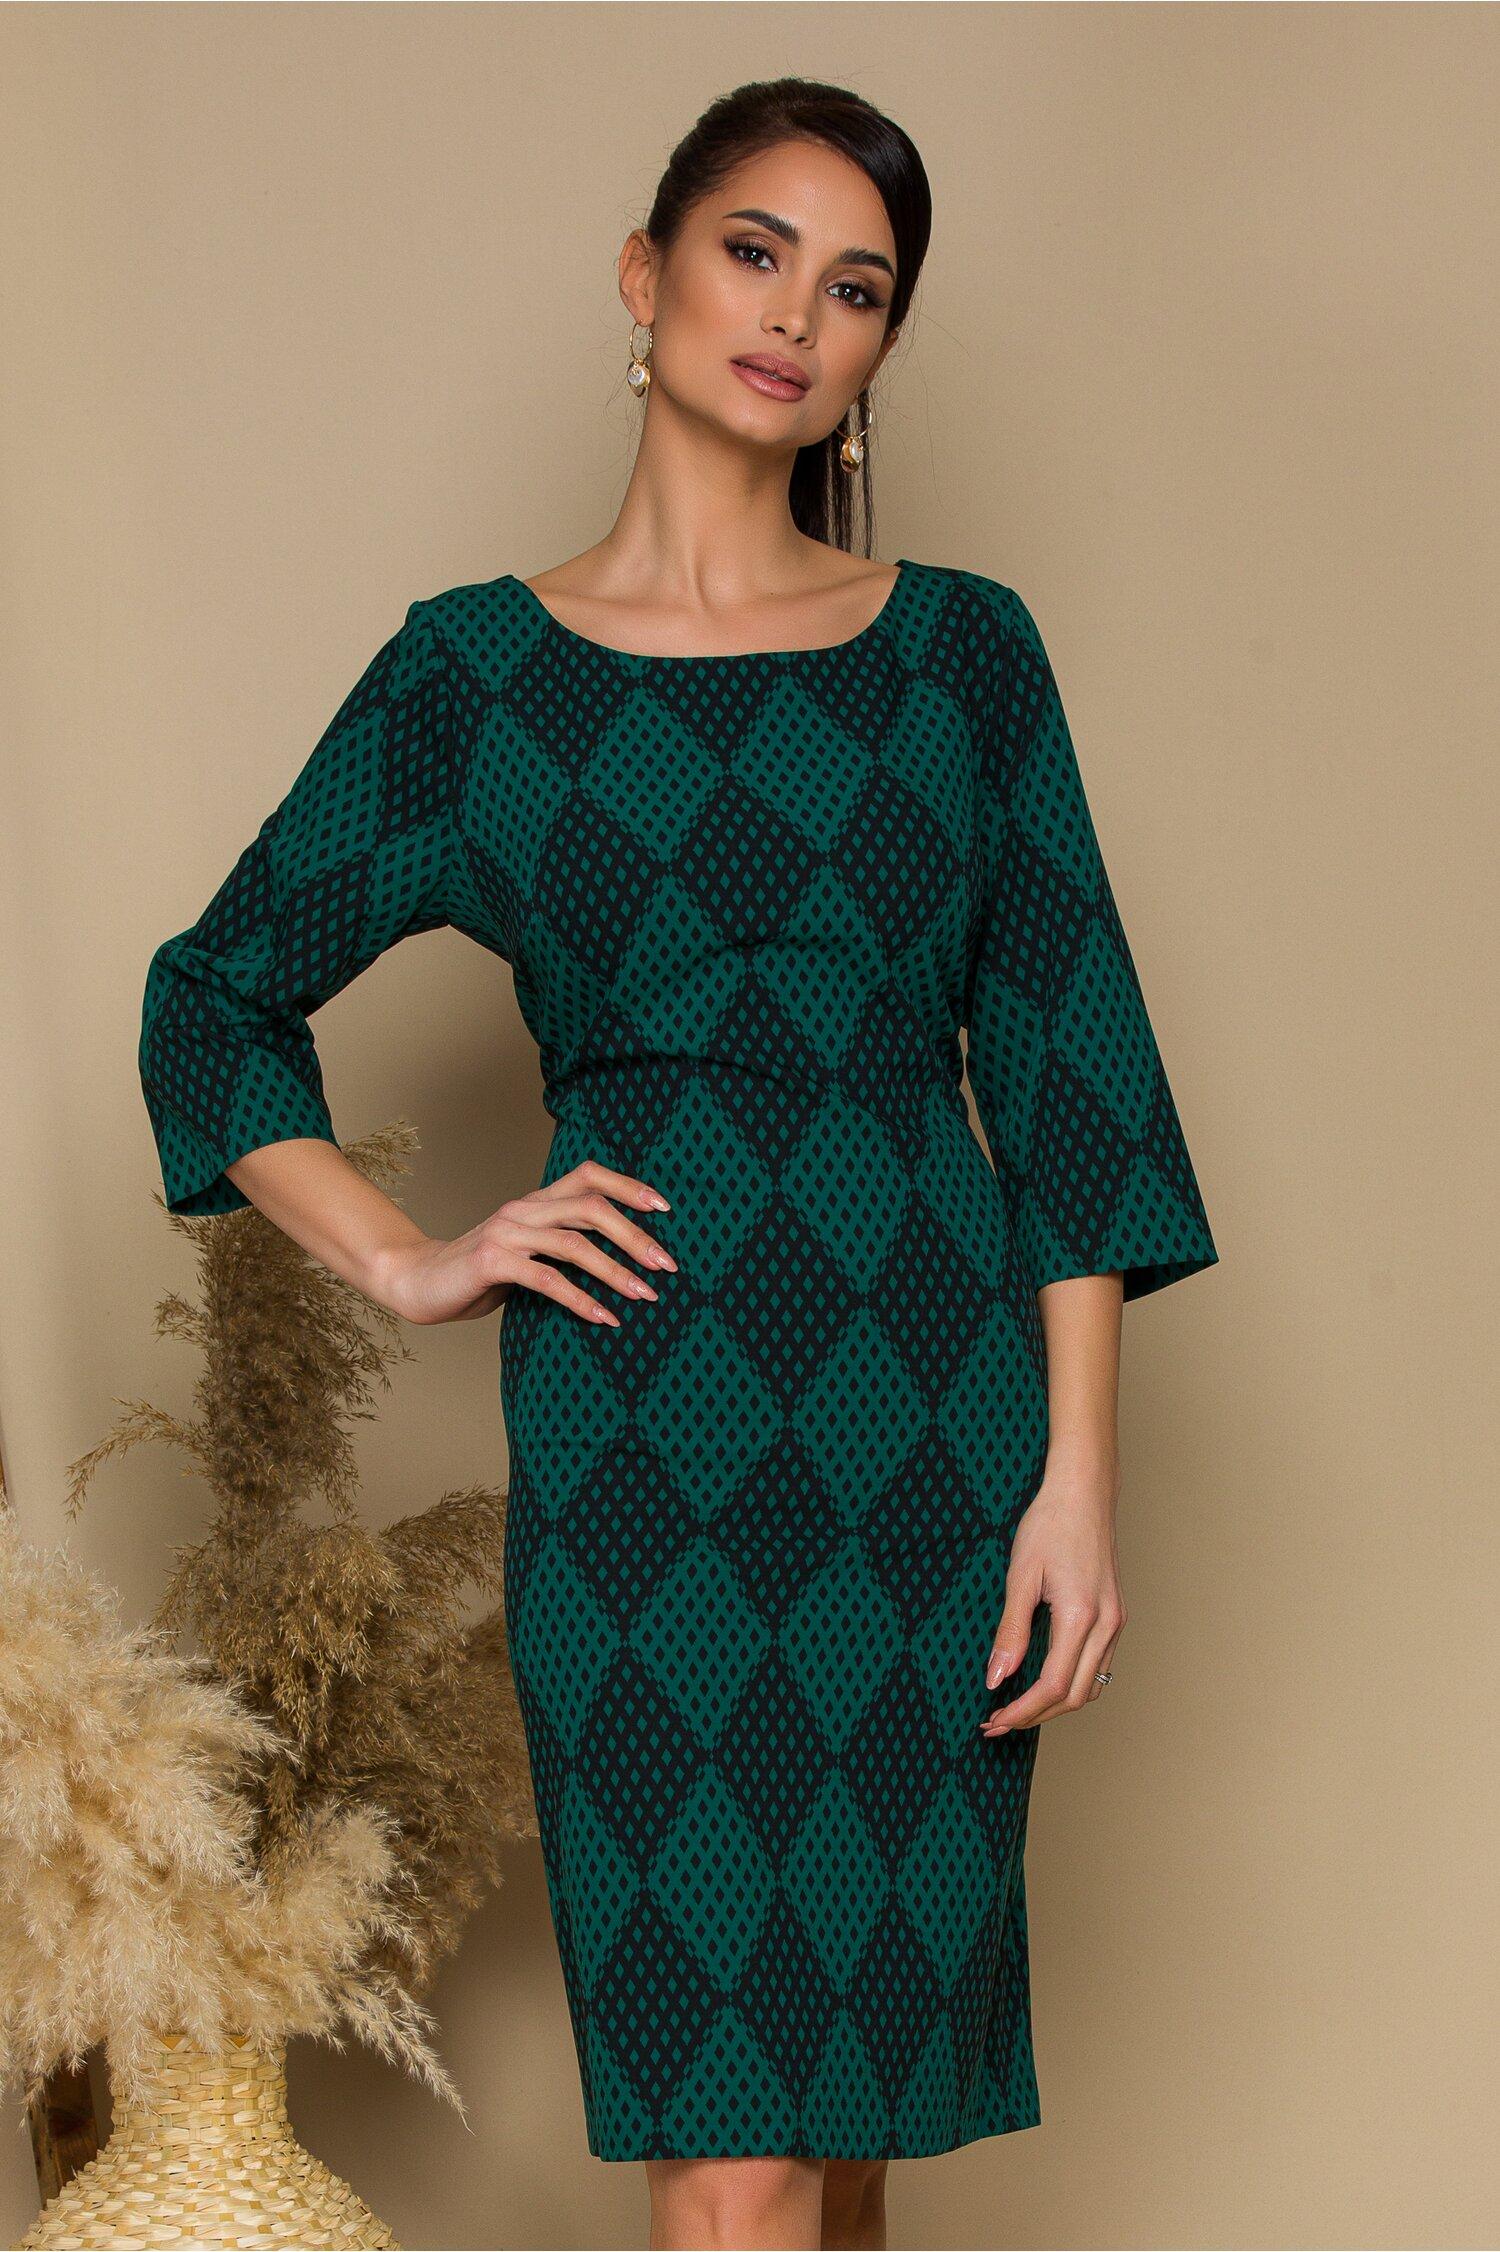 Rochie Tina verde cu negru si imprimeu in carouri